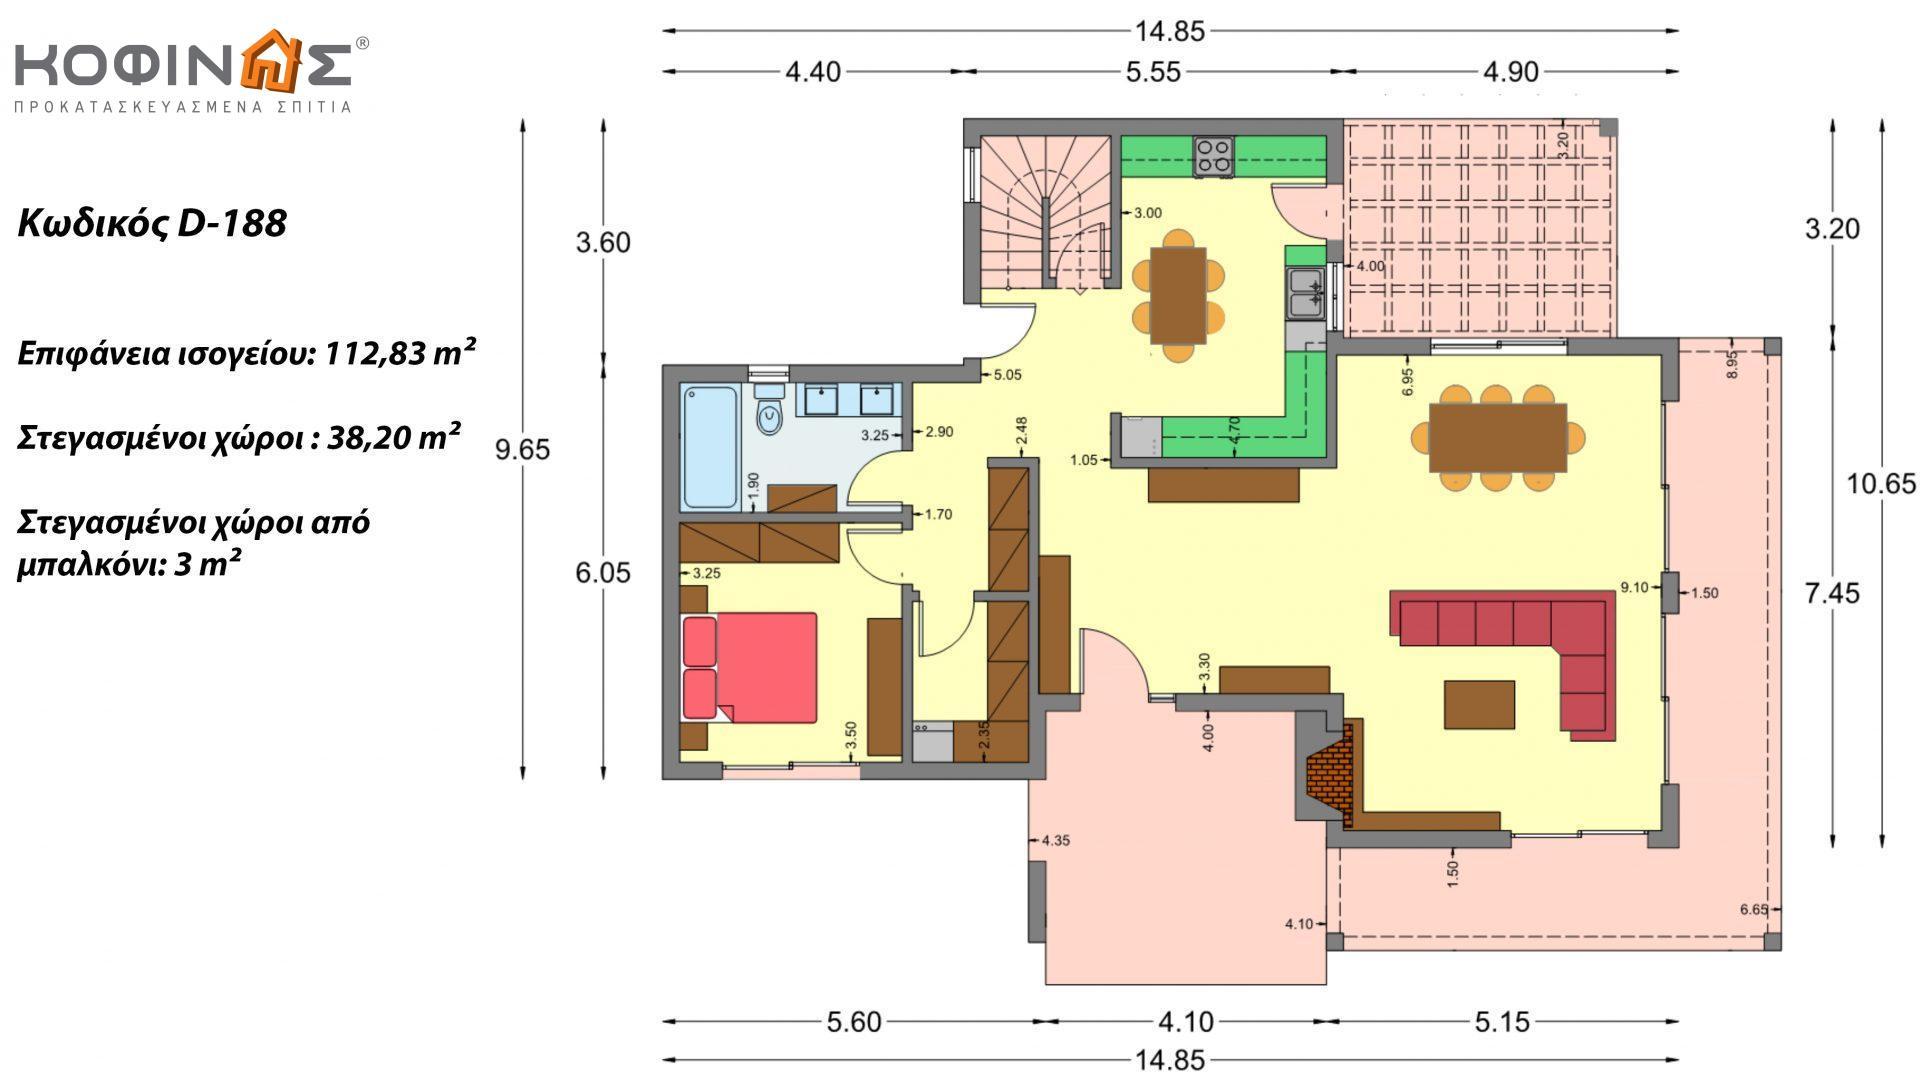 Διώροφη Κατοικία D-188, συνολικής επιφάνειας 188,66 τ.μ., συνολική επιφάνεια στεγασμένων χώρων 38.20 τ.μ., μπαλκόνια 40.05 τ.μ.